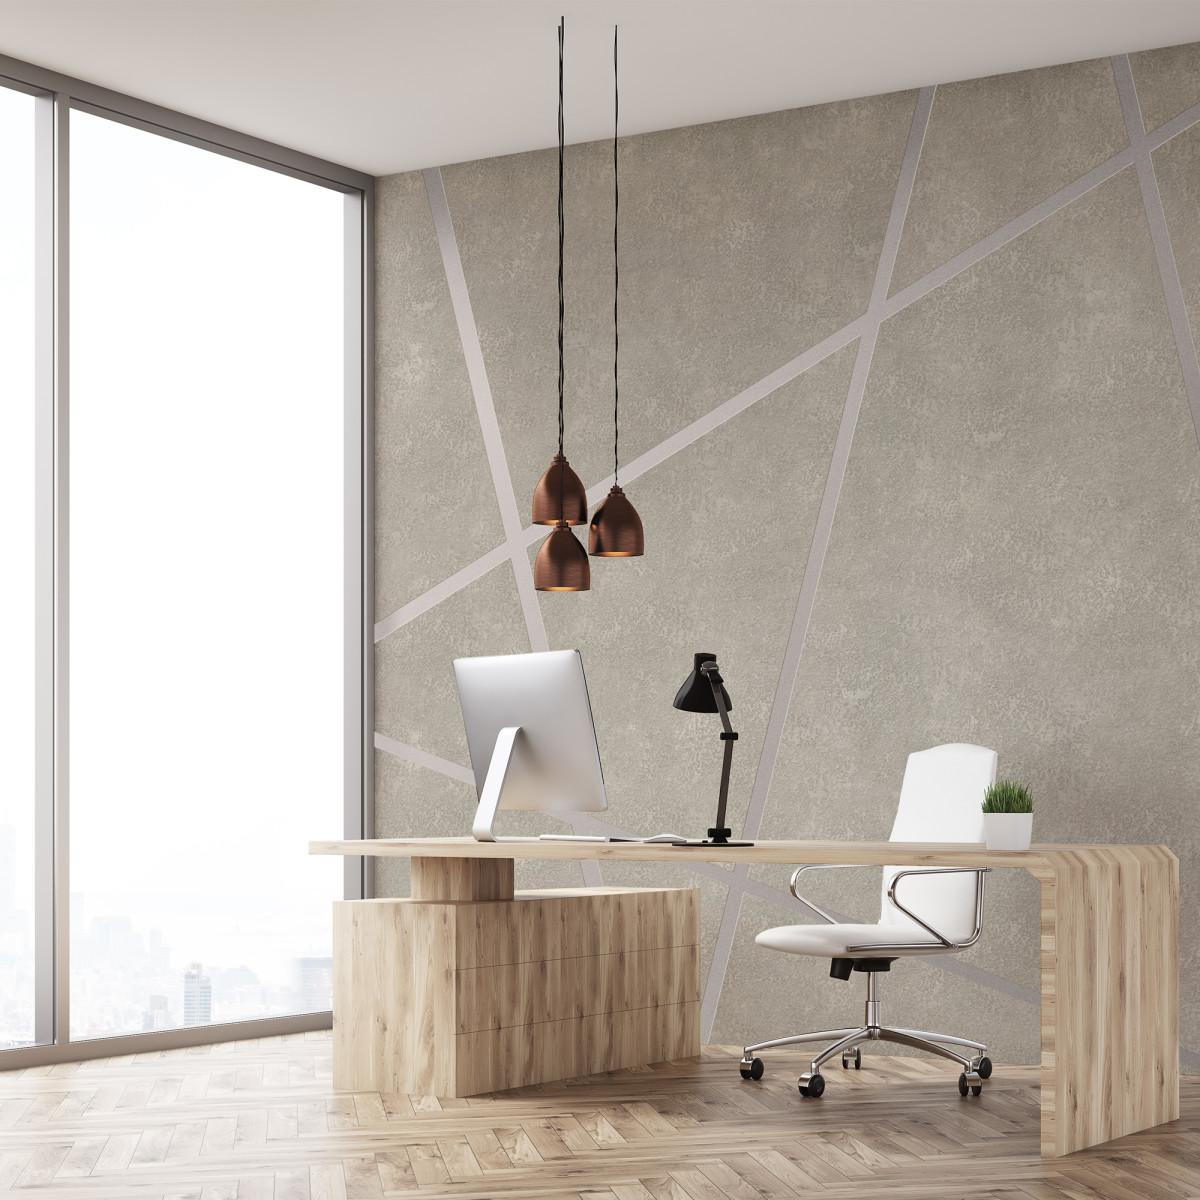 Ален бетон угол внутреннего трения бетонной смеси